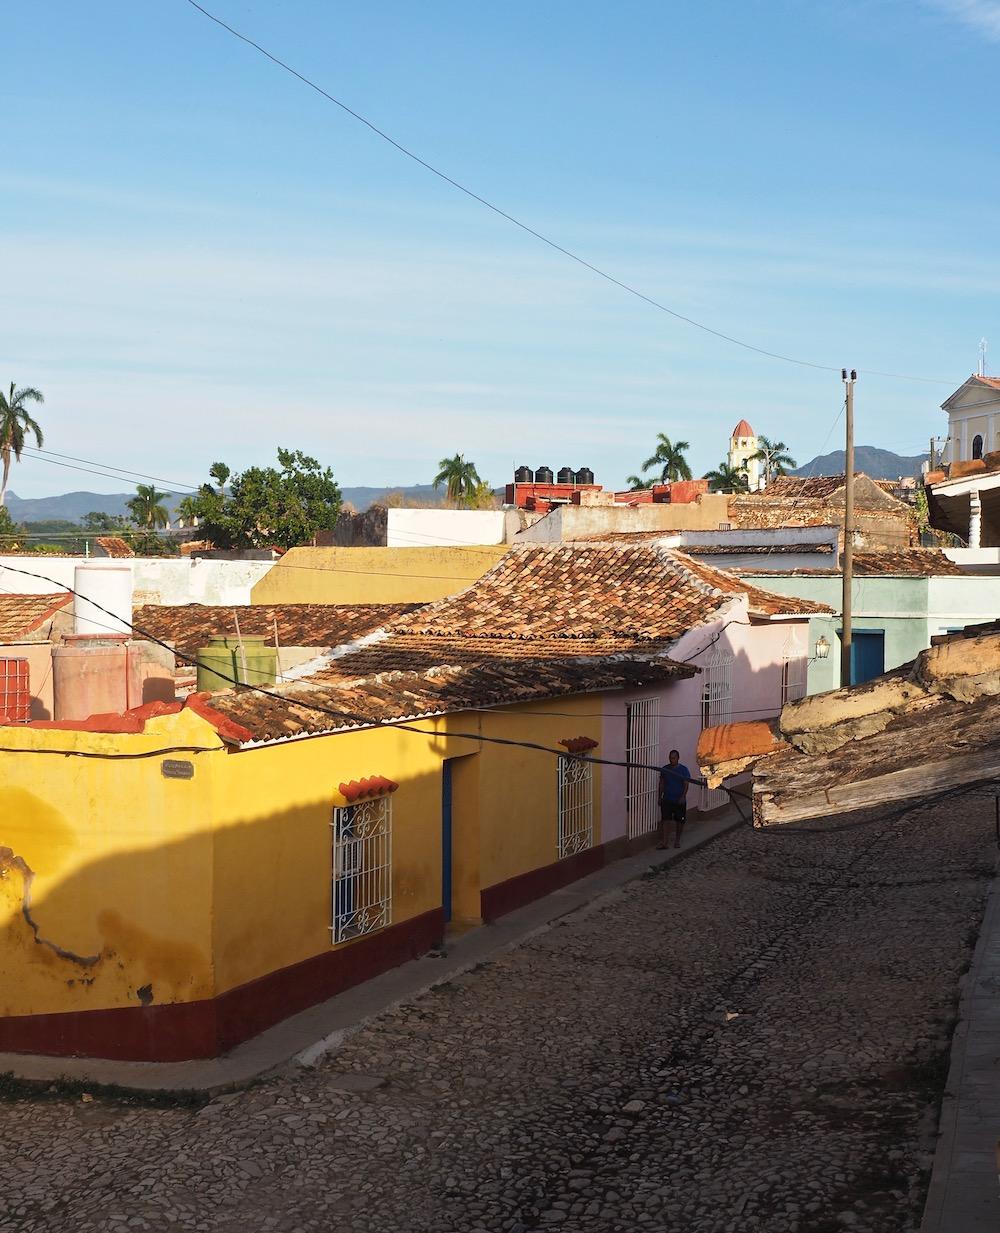 Cuba - 2 jours à Trinidad - vue de la casa Gran Cana